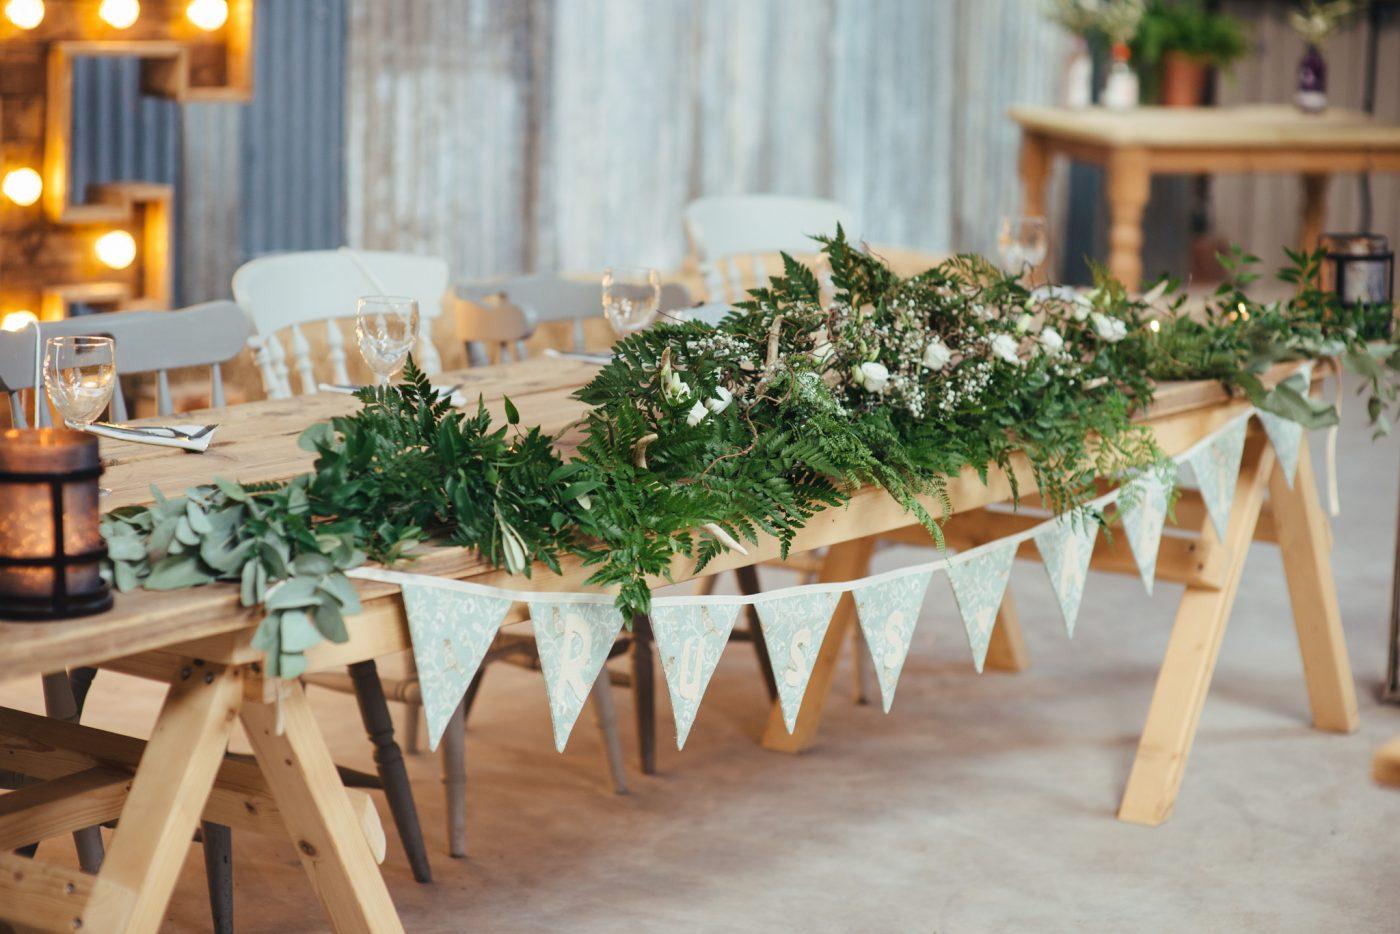 Redbank Barn Wedding Venue